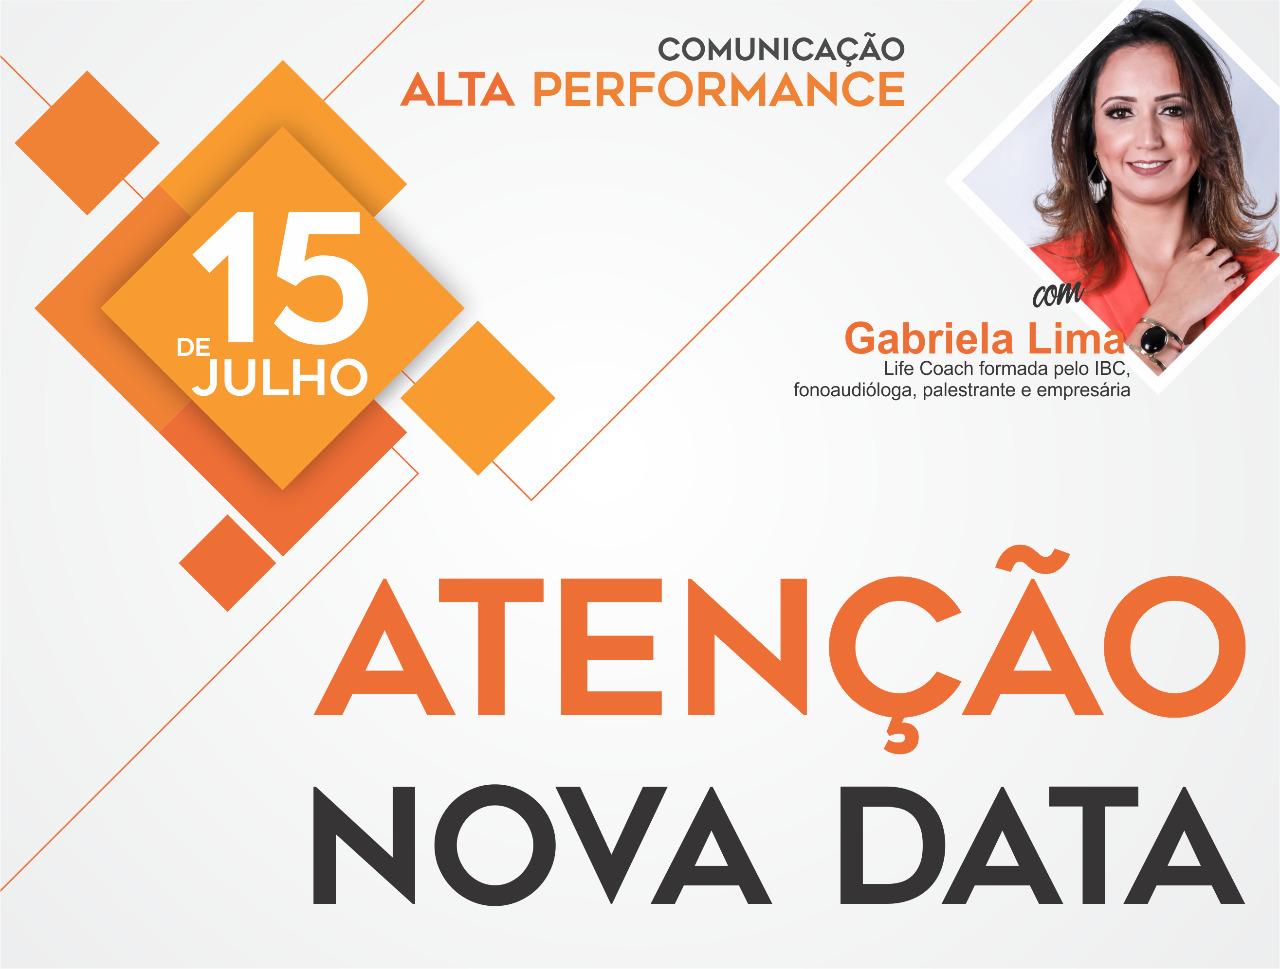 NOVA DATA - Workshop de comunicação com Gabriela Lima